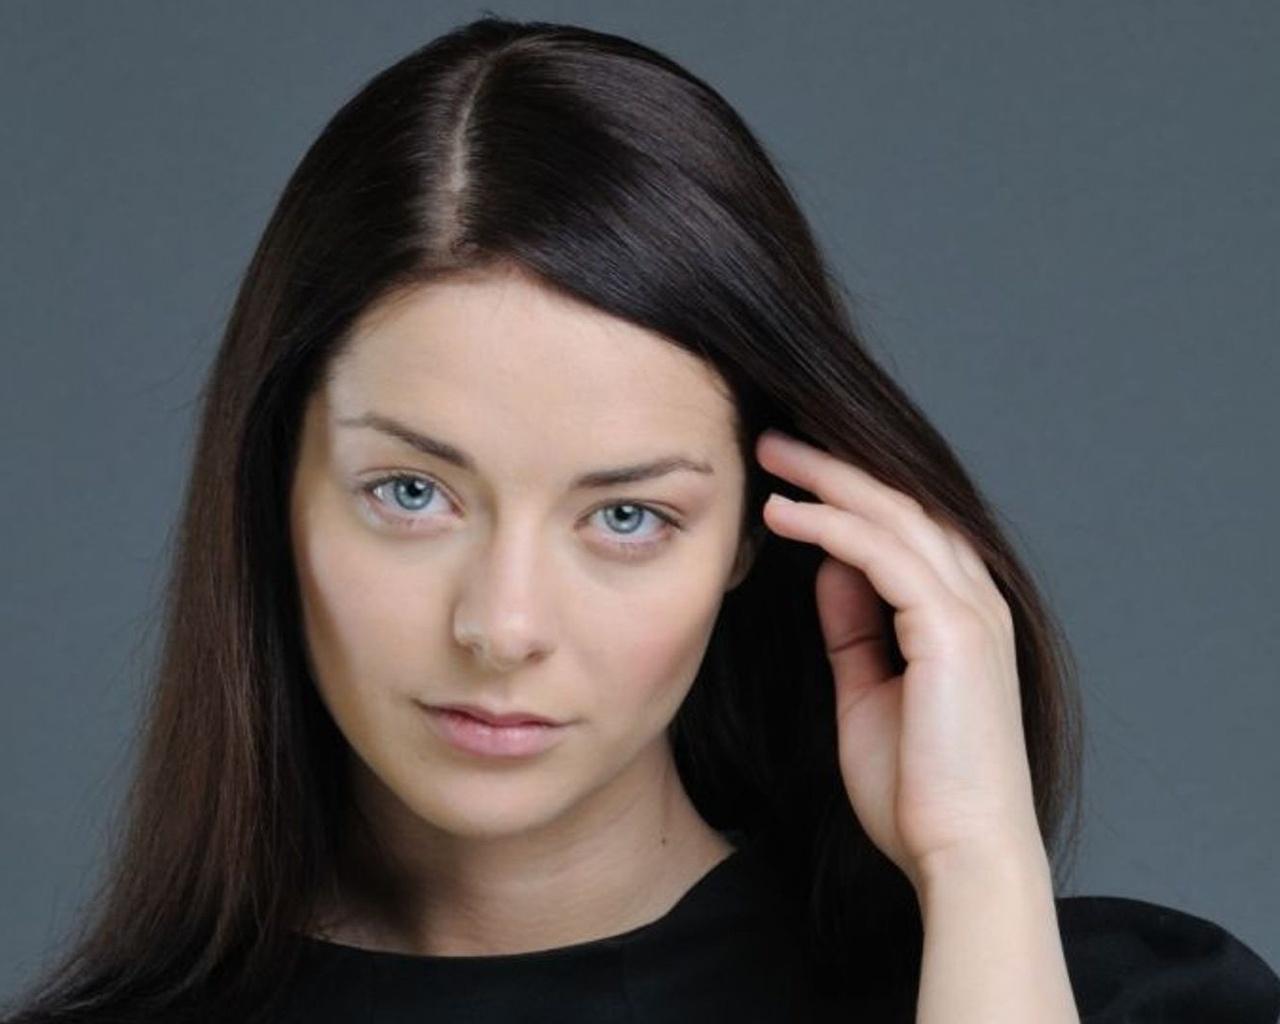 дачи, коттеджи мария александрова актриса фото без макияжа могу полной